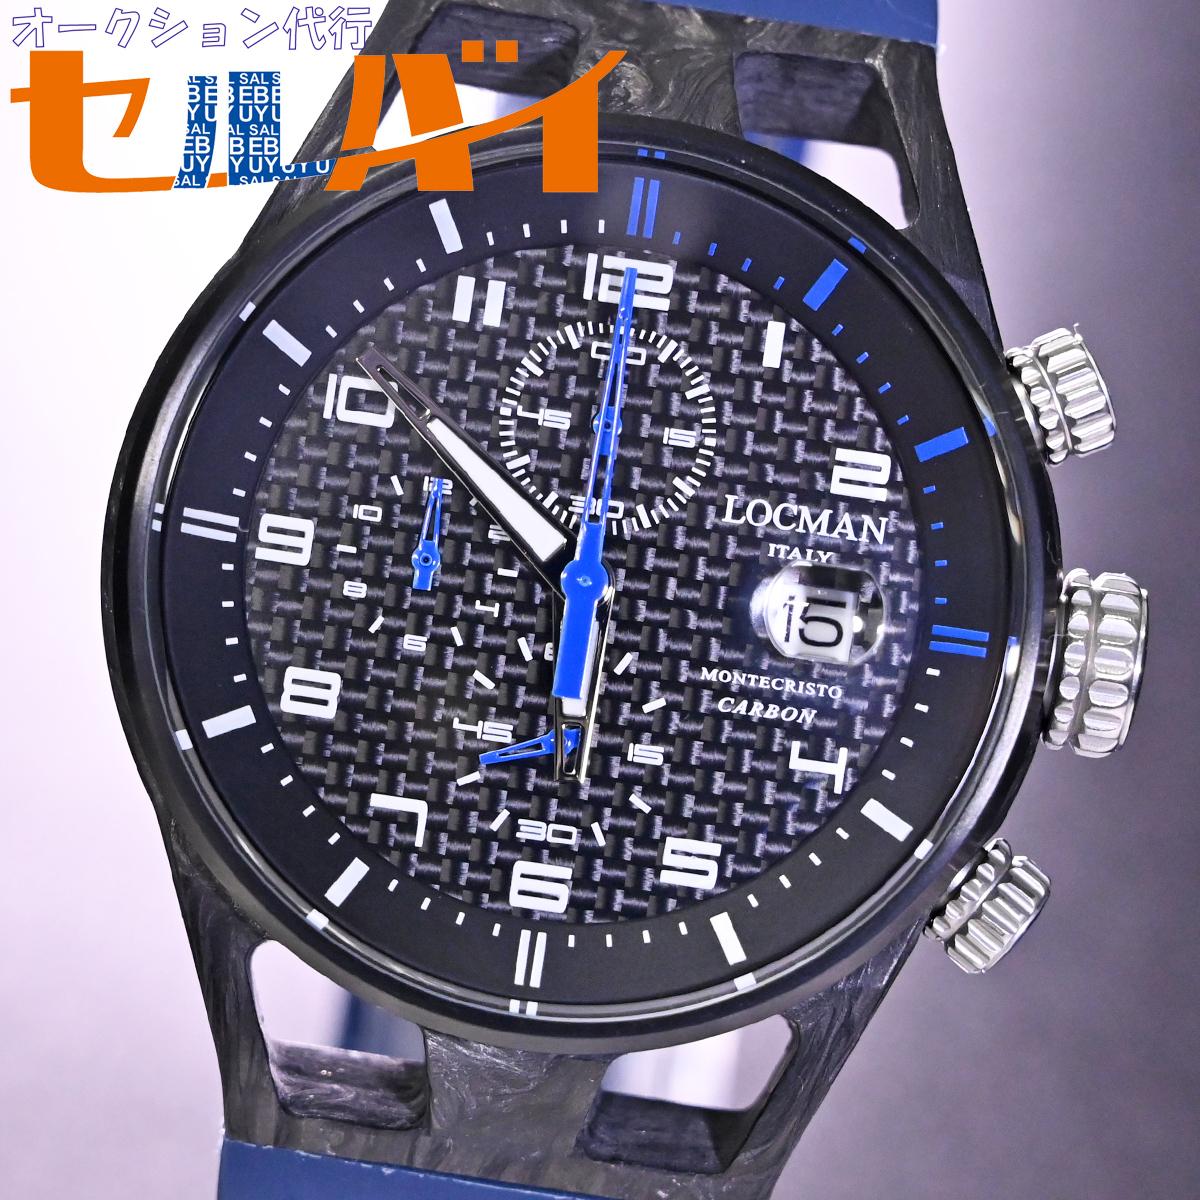 本物 新品 ロックマン 極希少 フォージドカーボン MONTECRISTO CARBON クロノグラフ メンズウォッチ 男性用腕時計 元箱 冊子付 LOCMAN_画像1